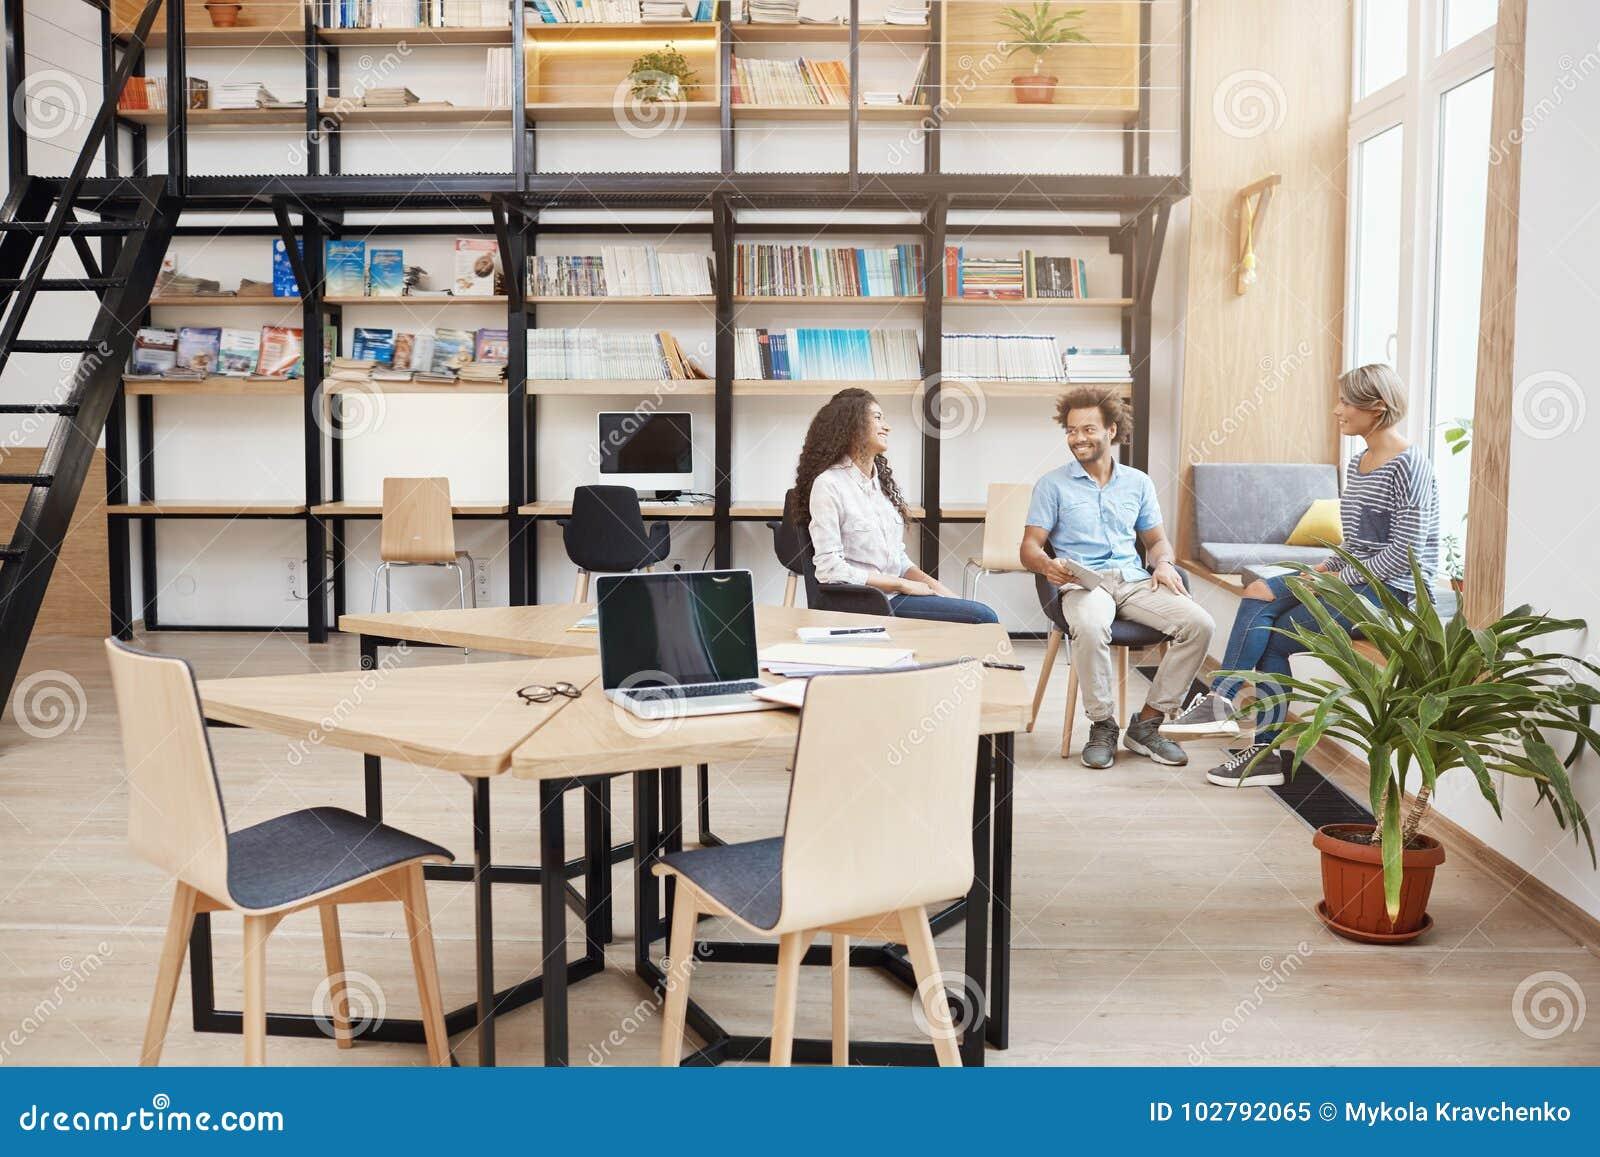 Запуск, дело, концепция сыгранности Группа в составе молодые люди перспективы на встрече в большой современной библиотеке говоря